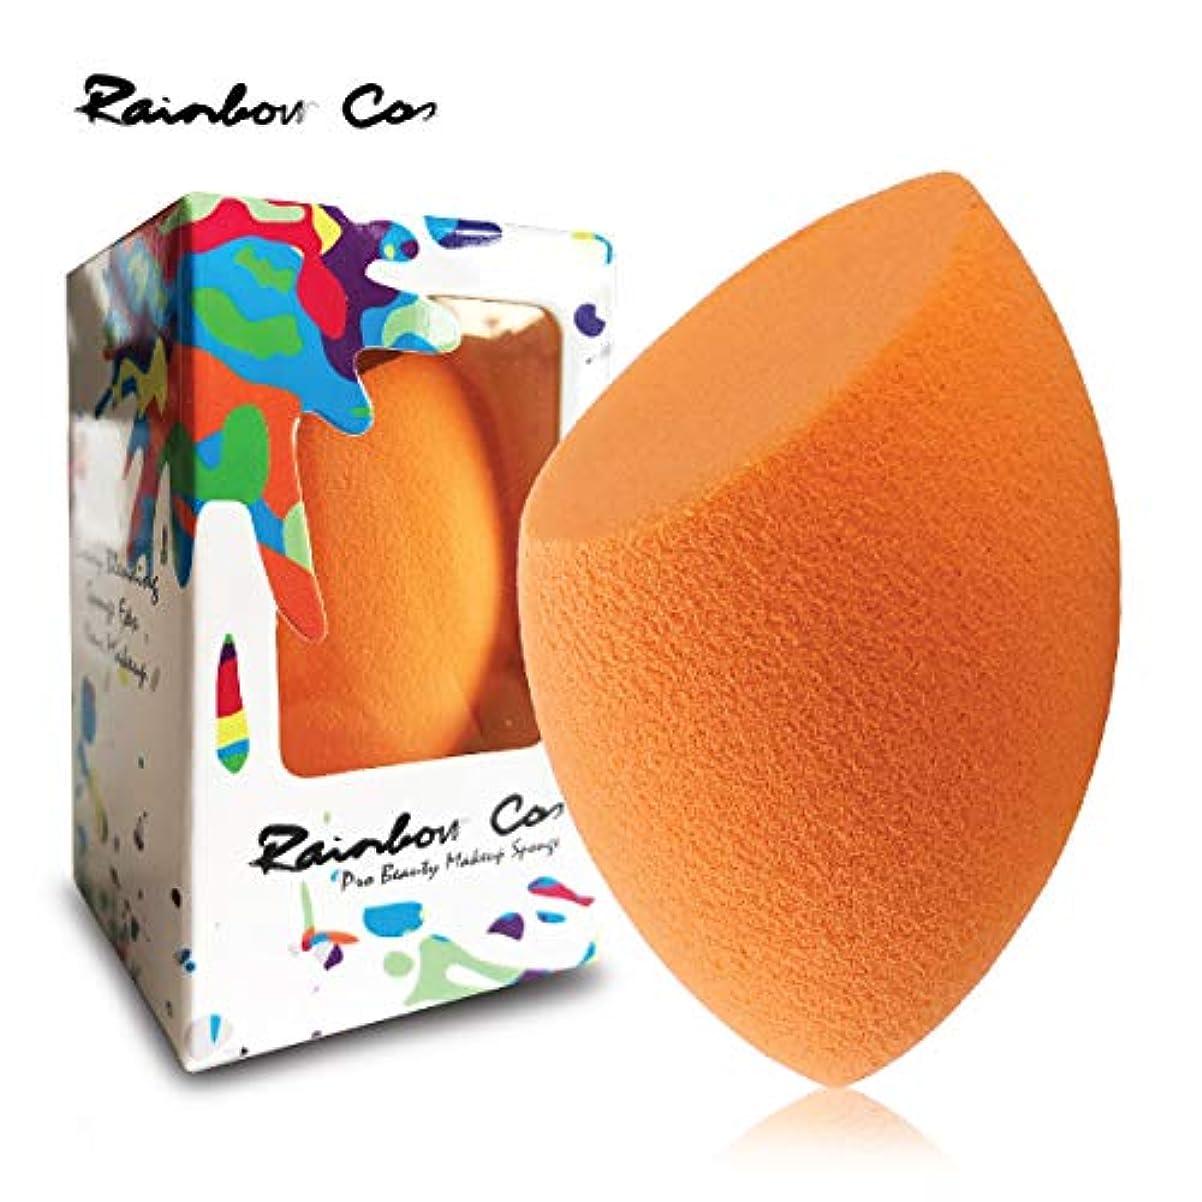 眠いです植木ミシンRainbow Cos Premium Flat Edge Olive Sponge Beauty Foundation Sponge Blender for Applicator, Foundation and Highlight...